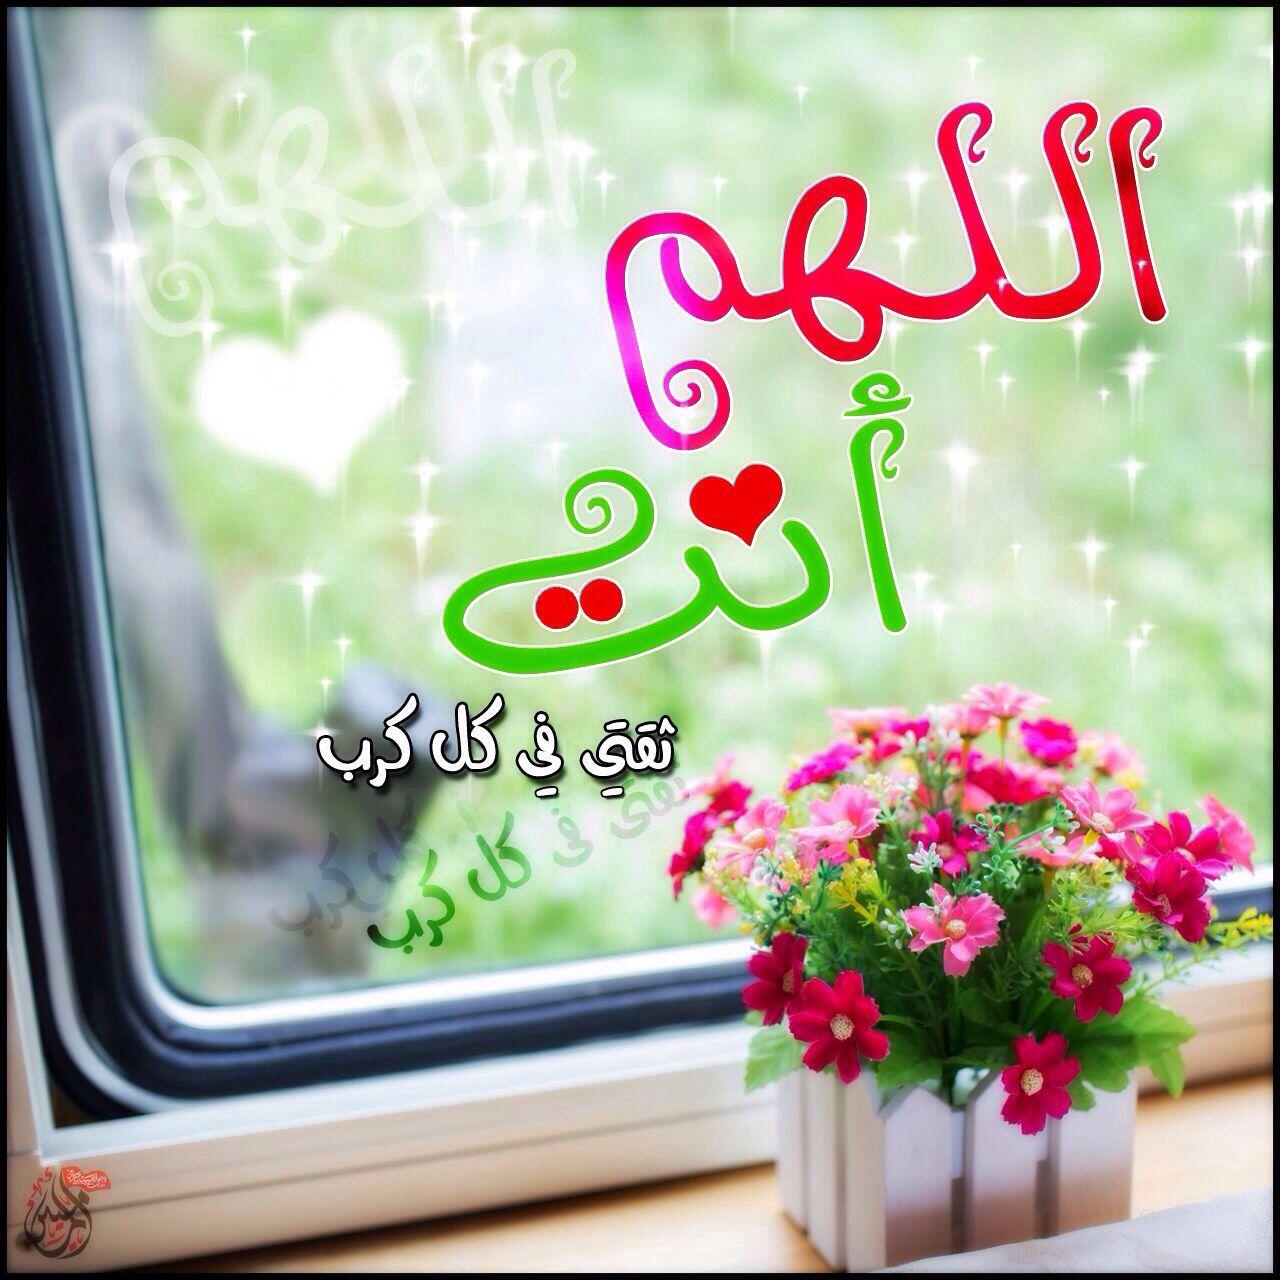 صورة اجمل الصور الادعية الدينية , صور اسلاميه مصورة 3989 4